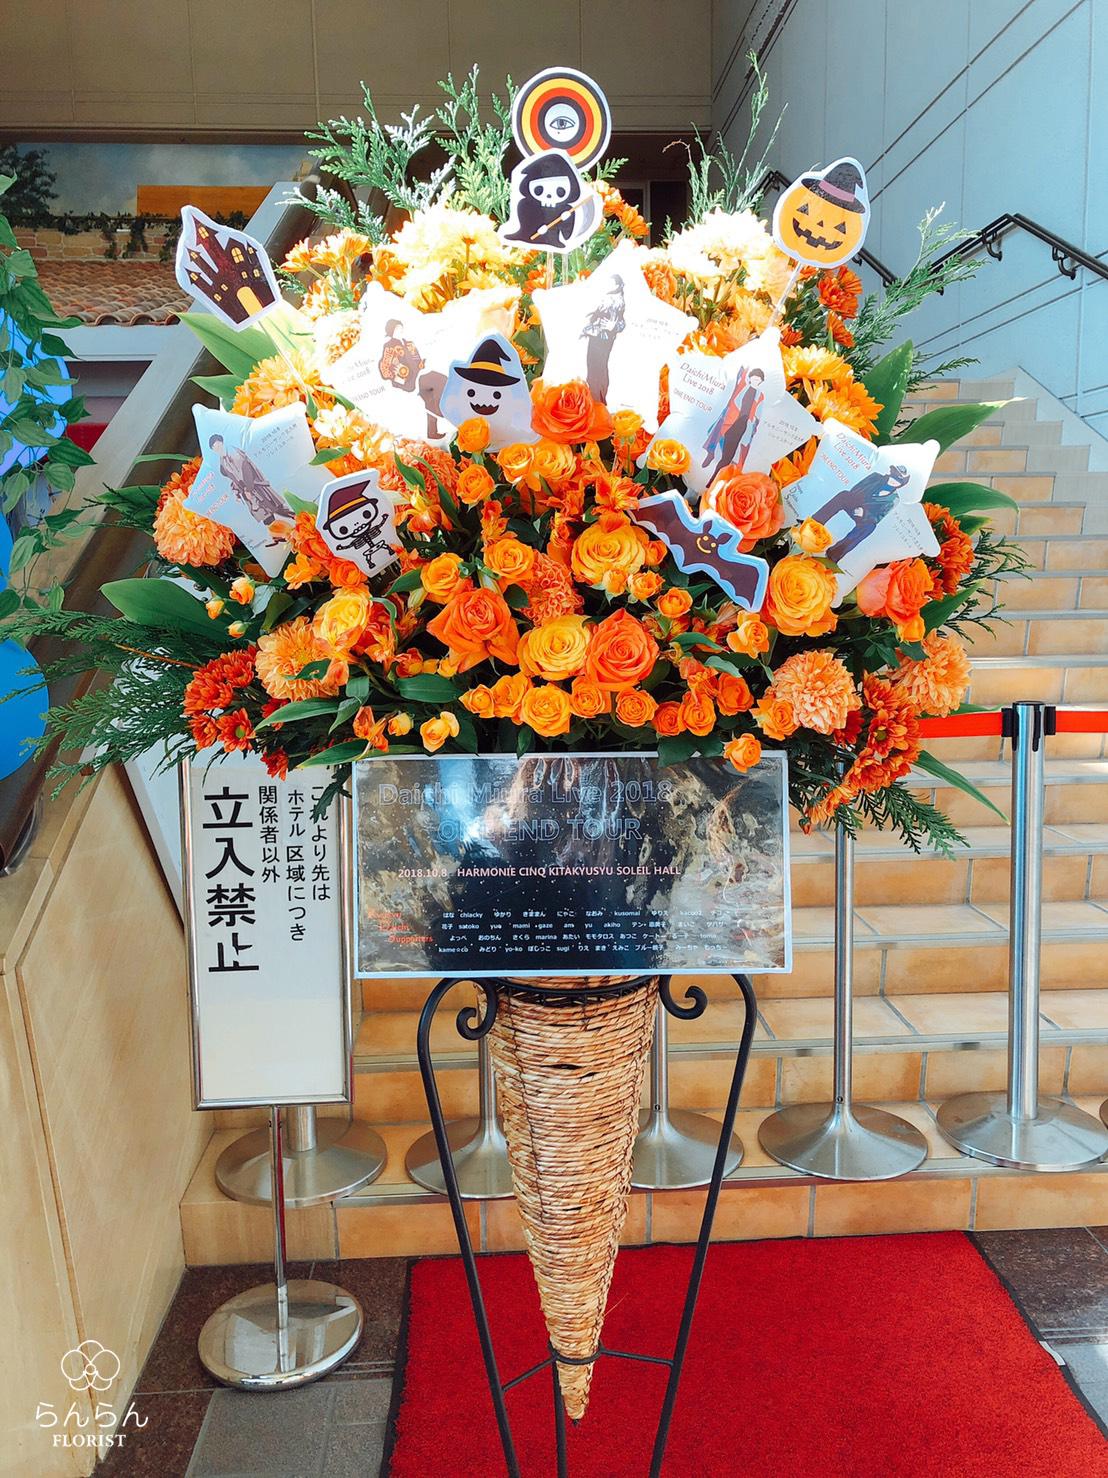 三浦大知 お祝いスタンド花